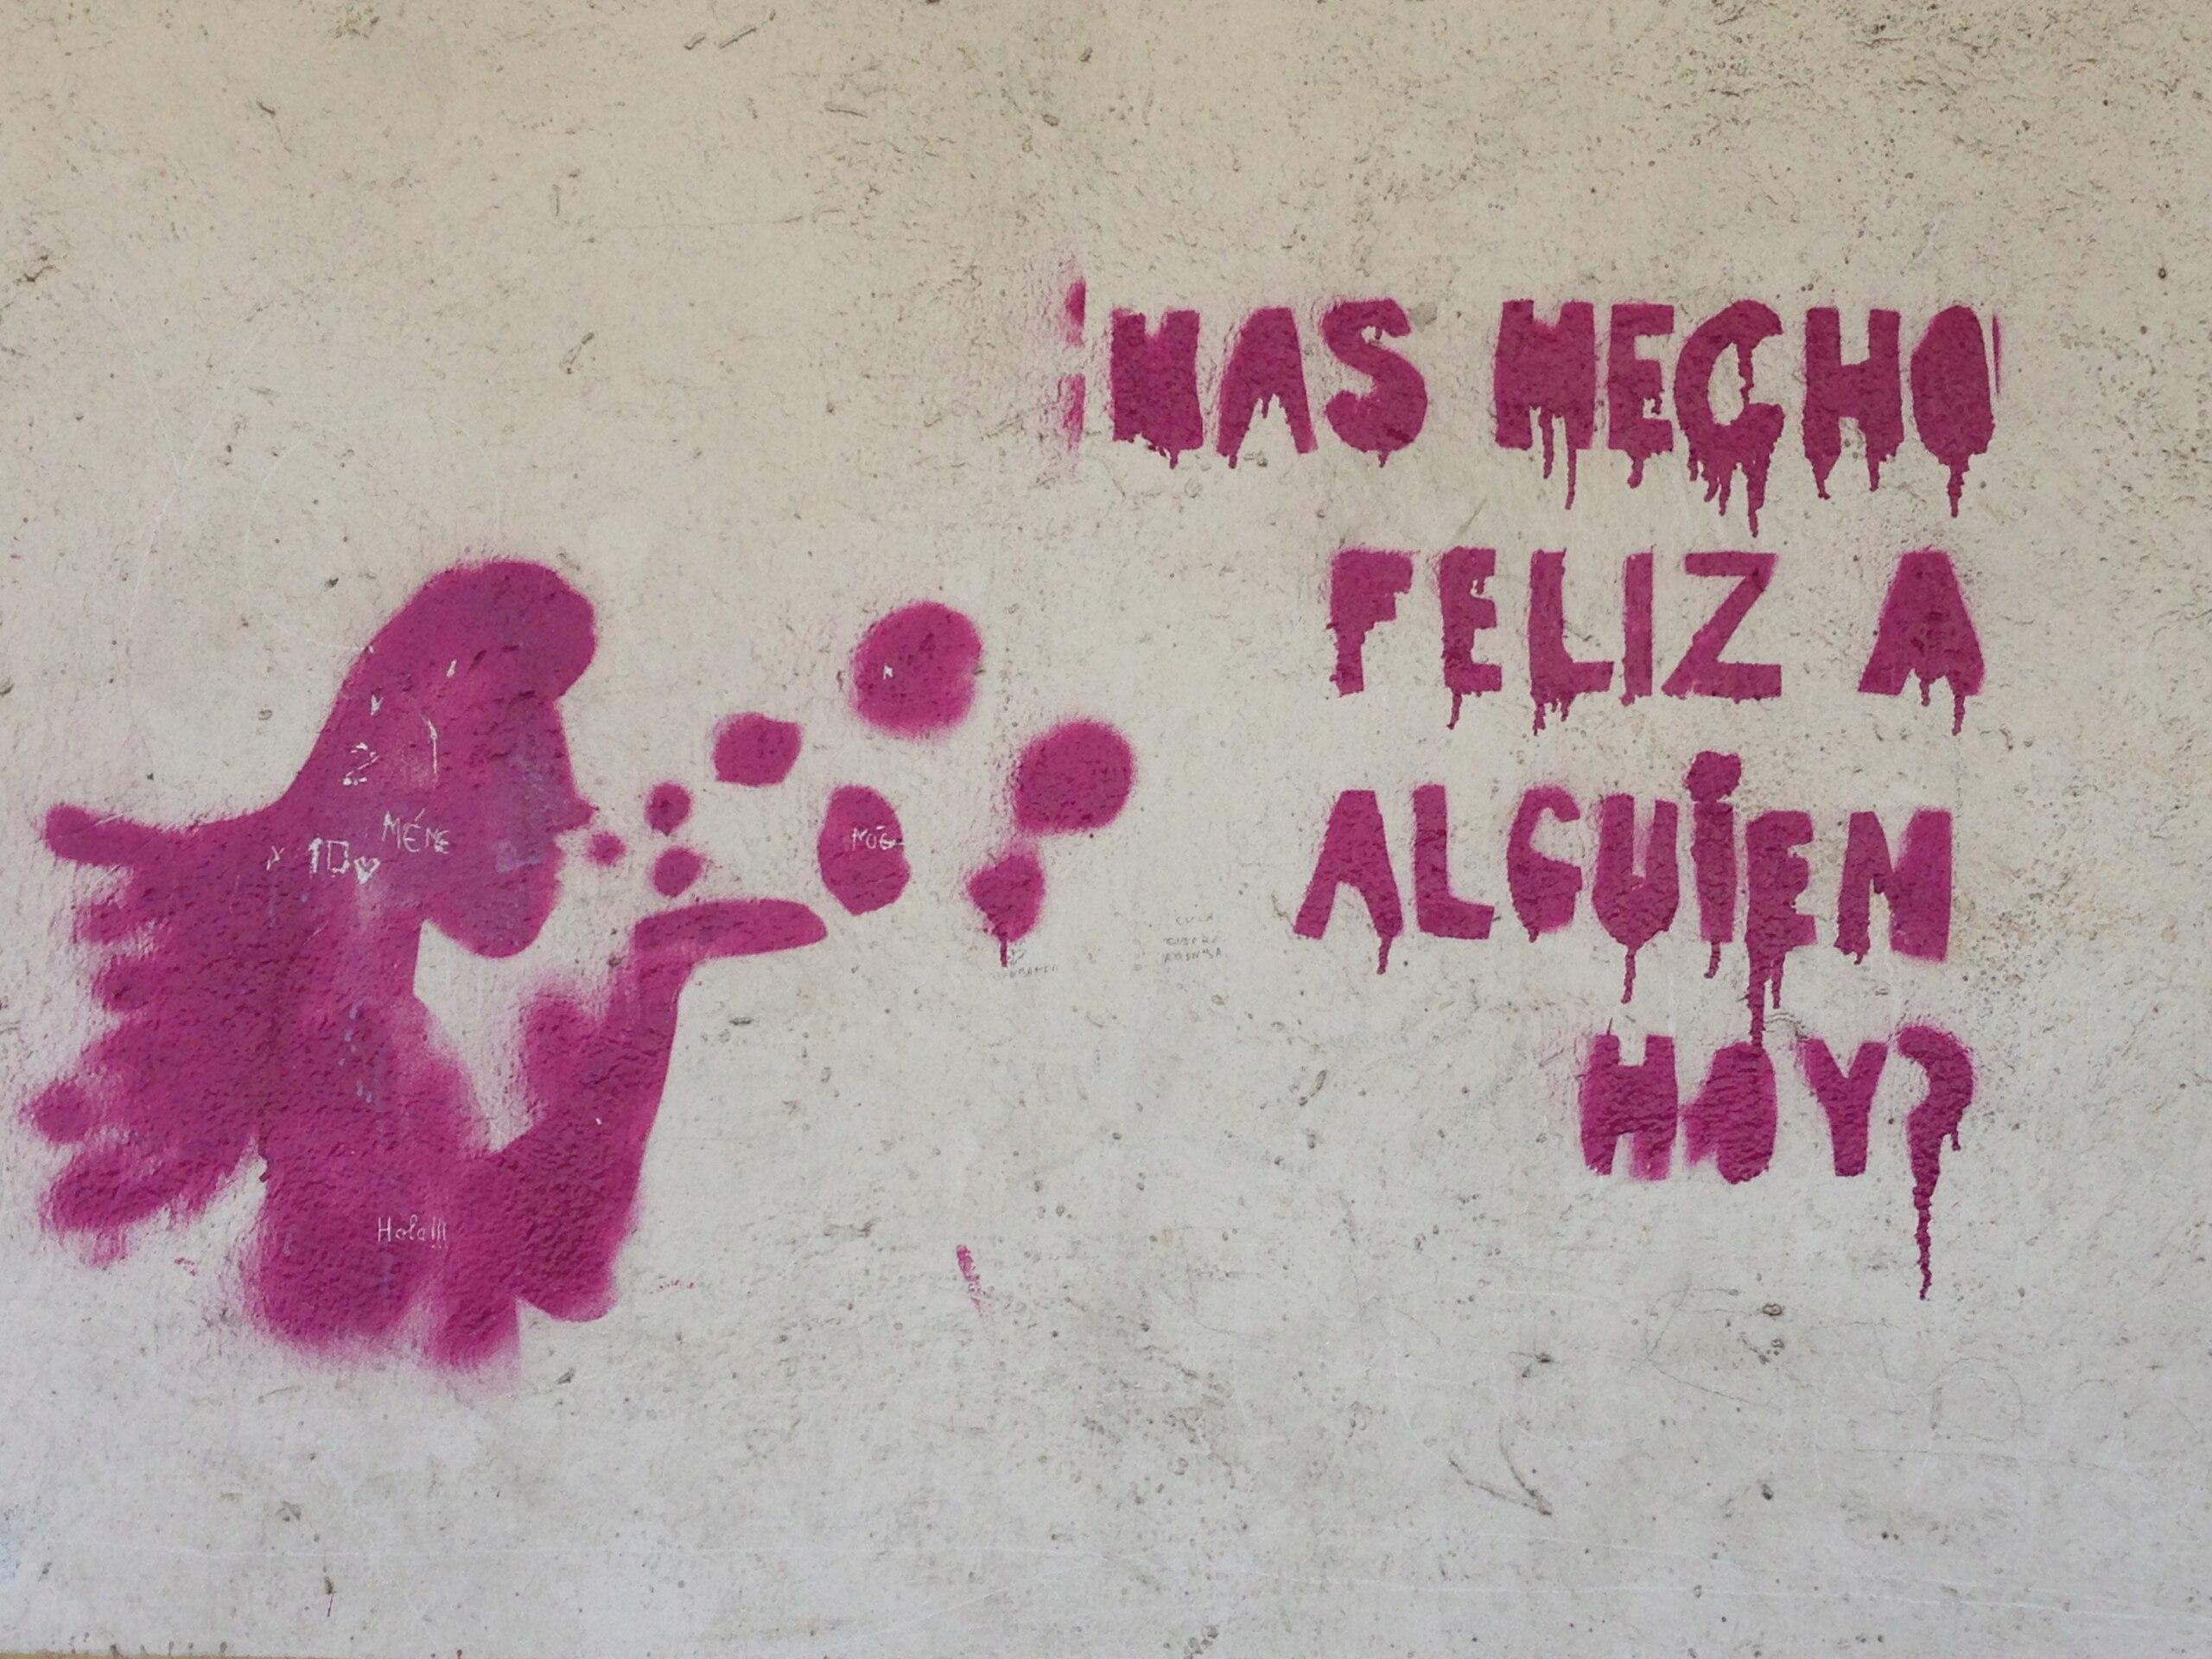 Pintadas, grafittis y otras mierdas del arte hurvano ese. - Página 5 Img_0710